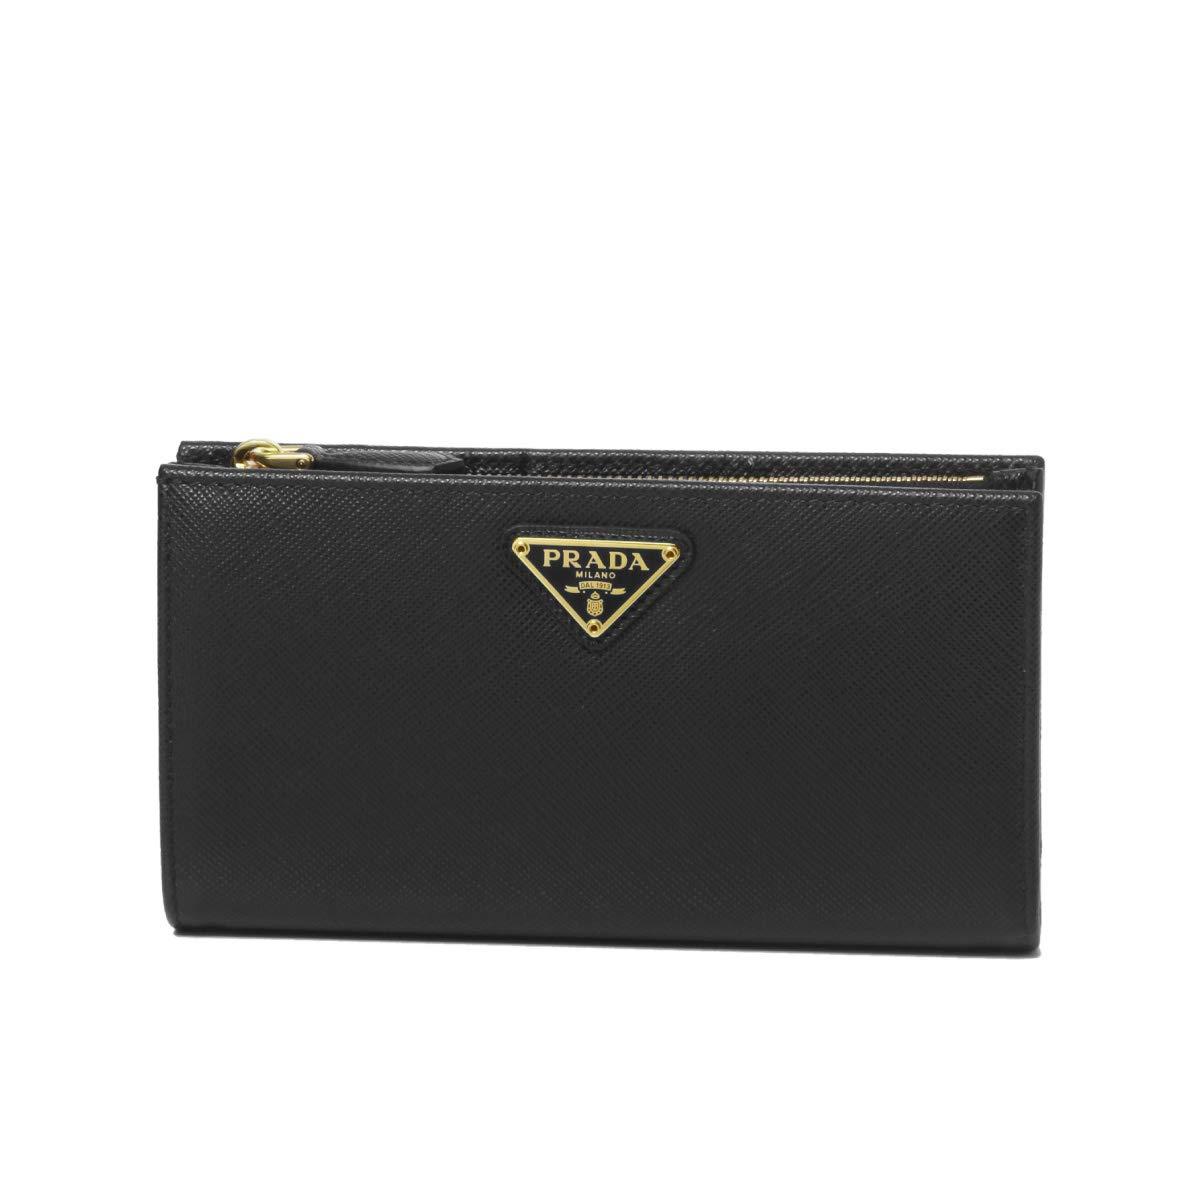 (プラダ) PRADA 二つ折り財布 SAFFIANO TRIANGOLO ブラック 1ML009 QHH F0002 [並行輸入品] B07RW6R3TB